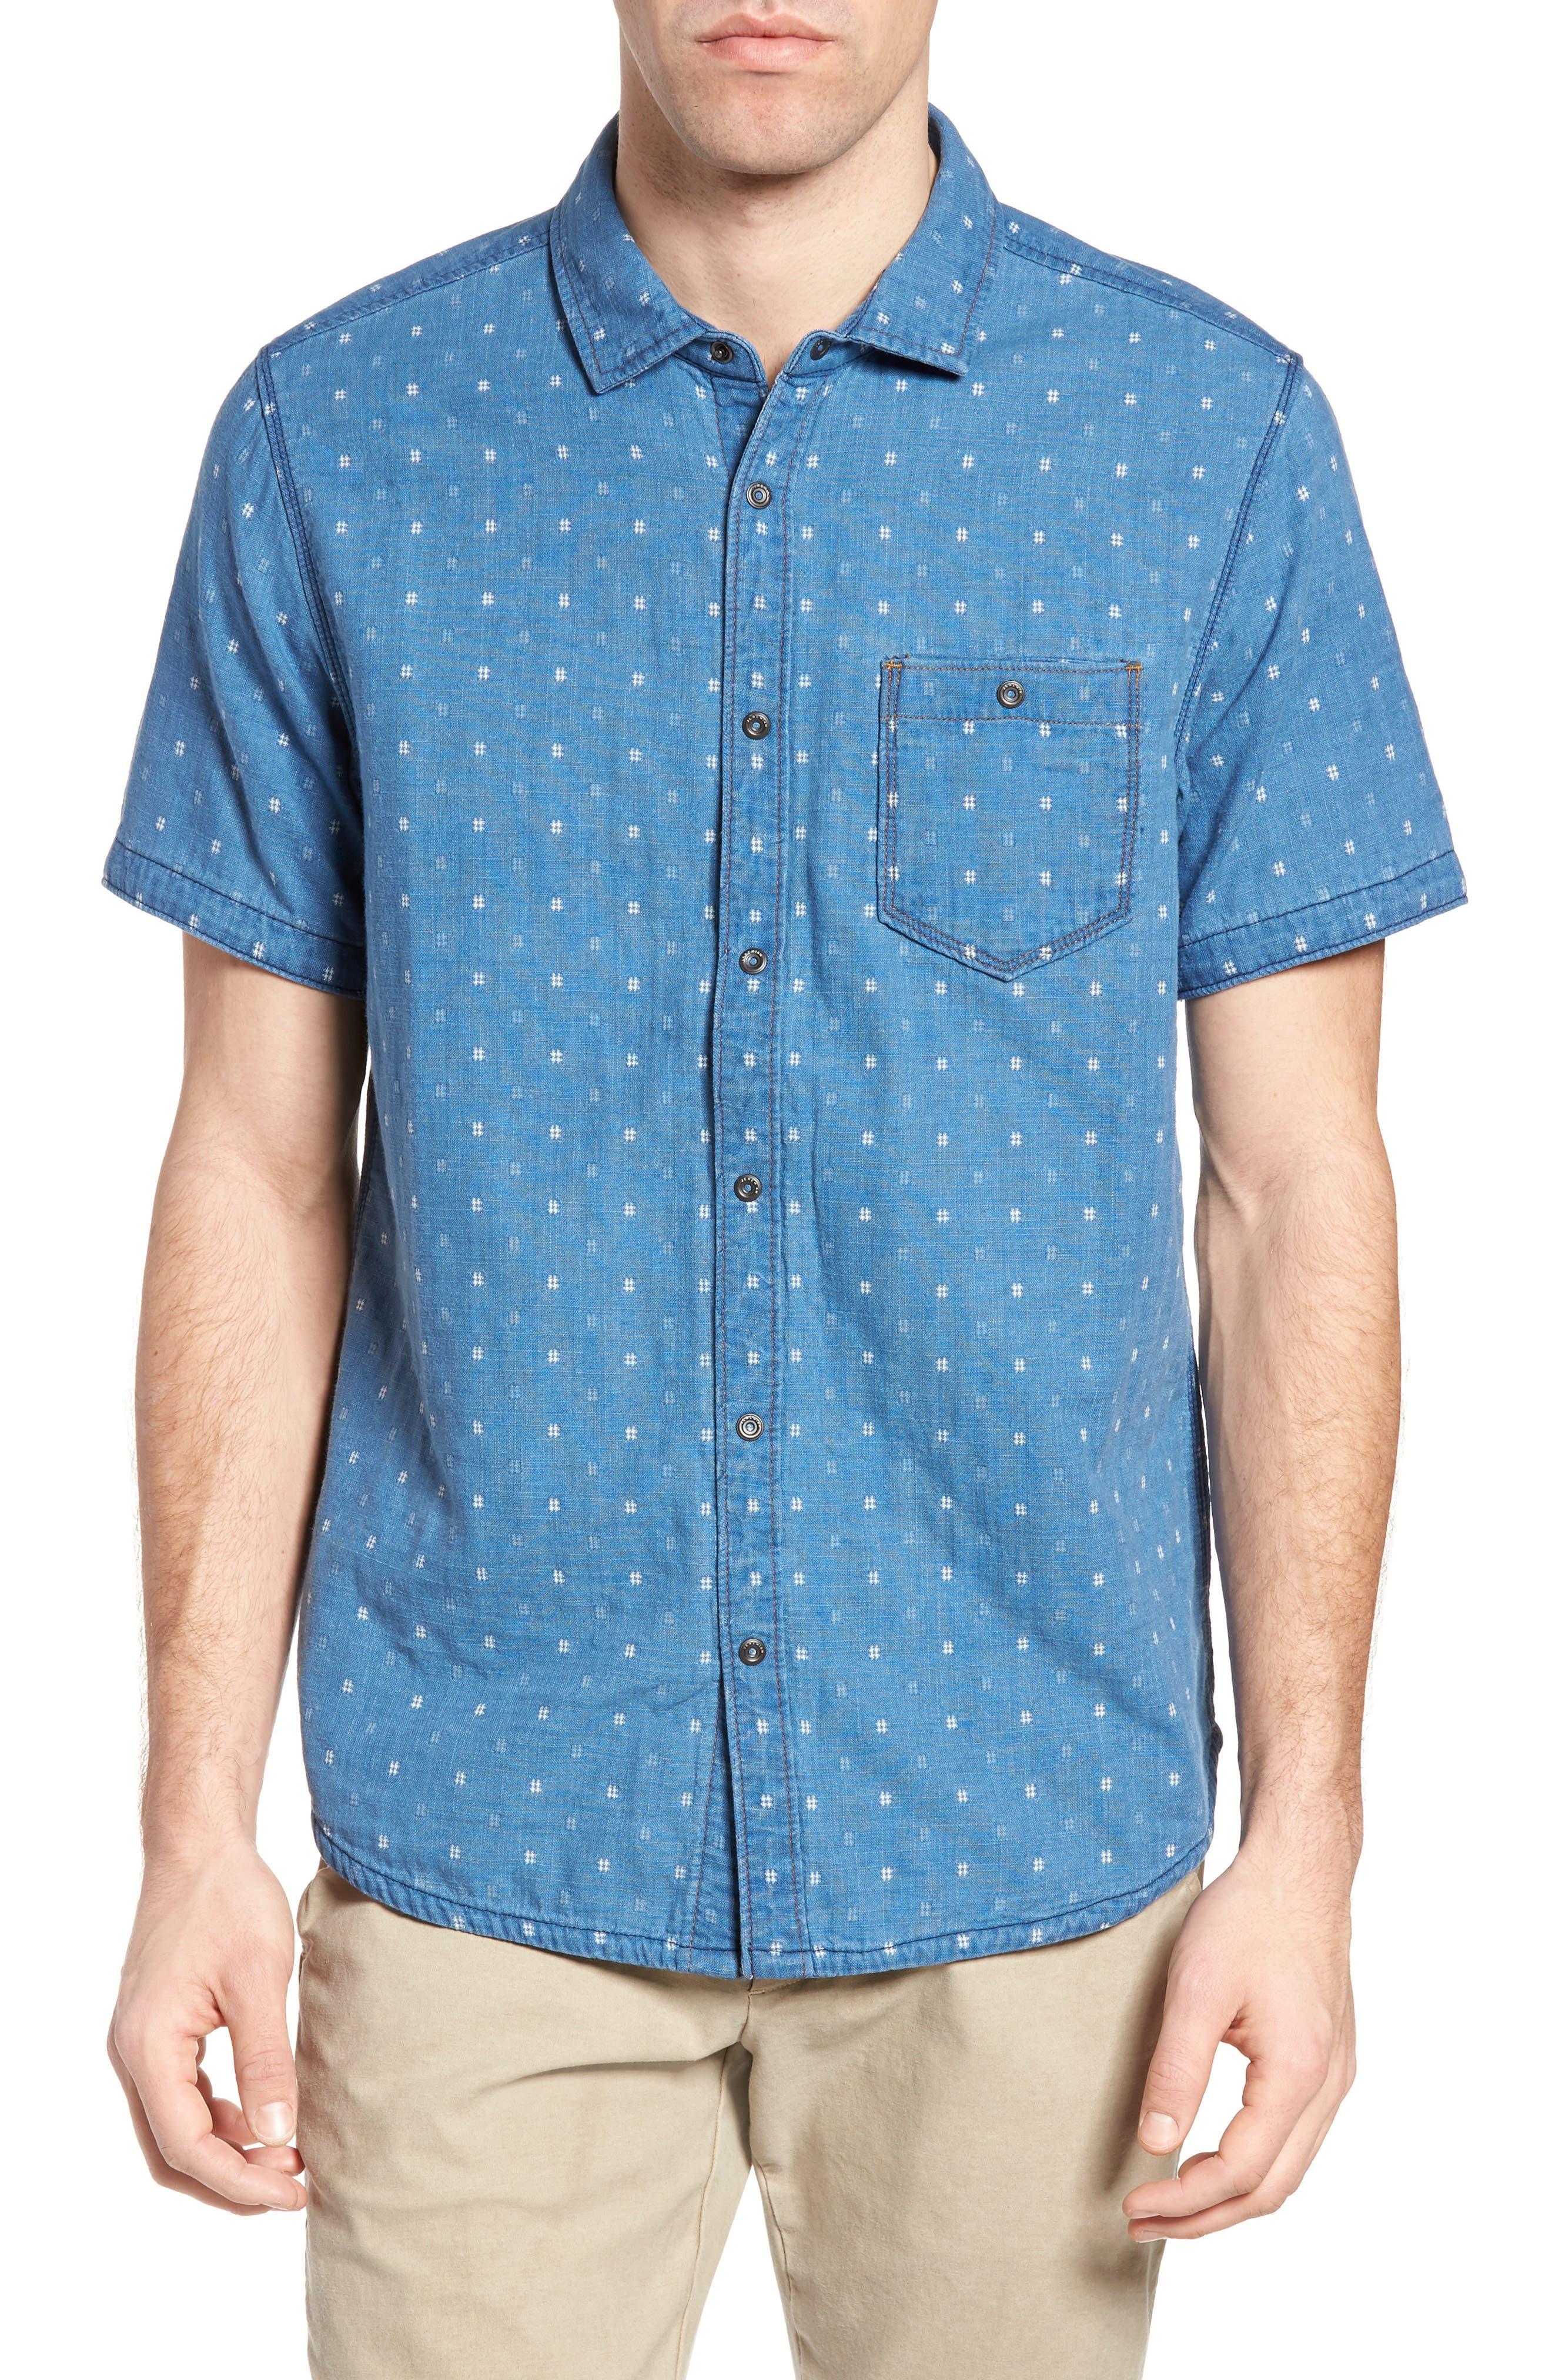 Main Image - Jeremiah Kit Reversible Jacquard Sport Shirt